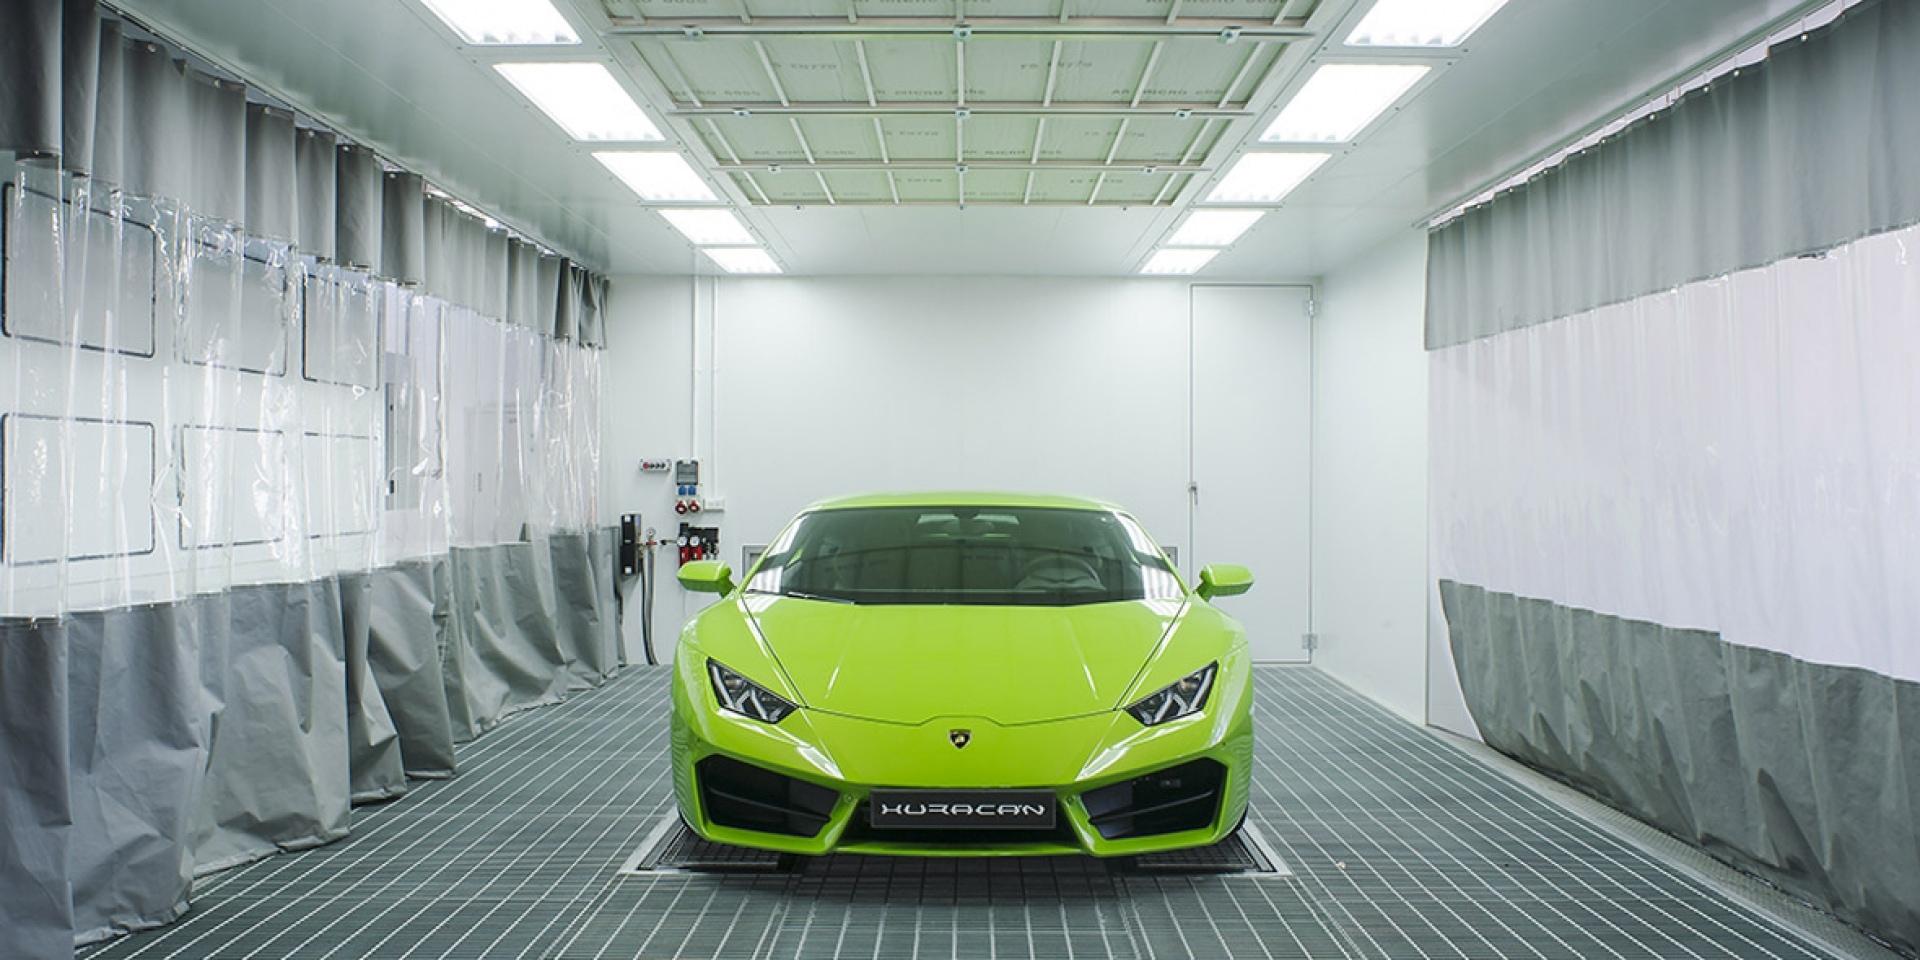 官方新聞稿。Lamborghini車體維修技術中心正式成立營運